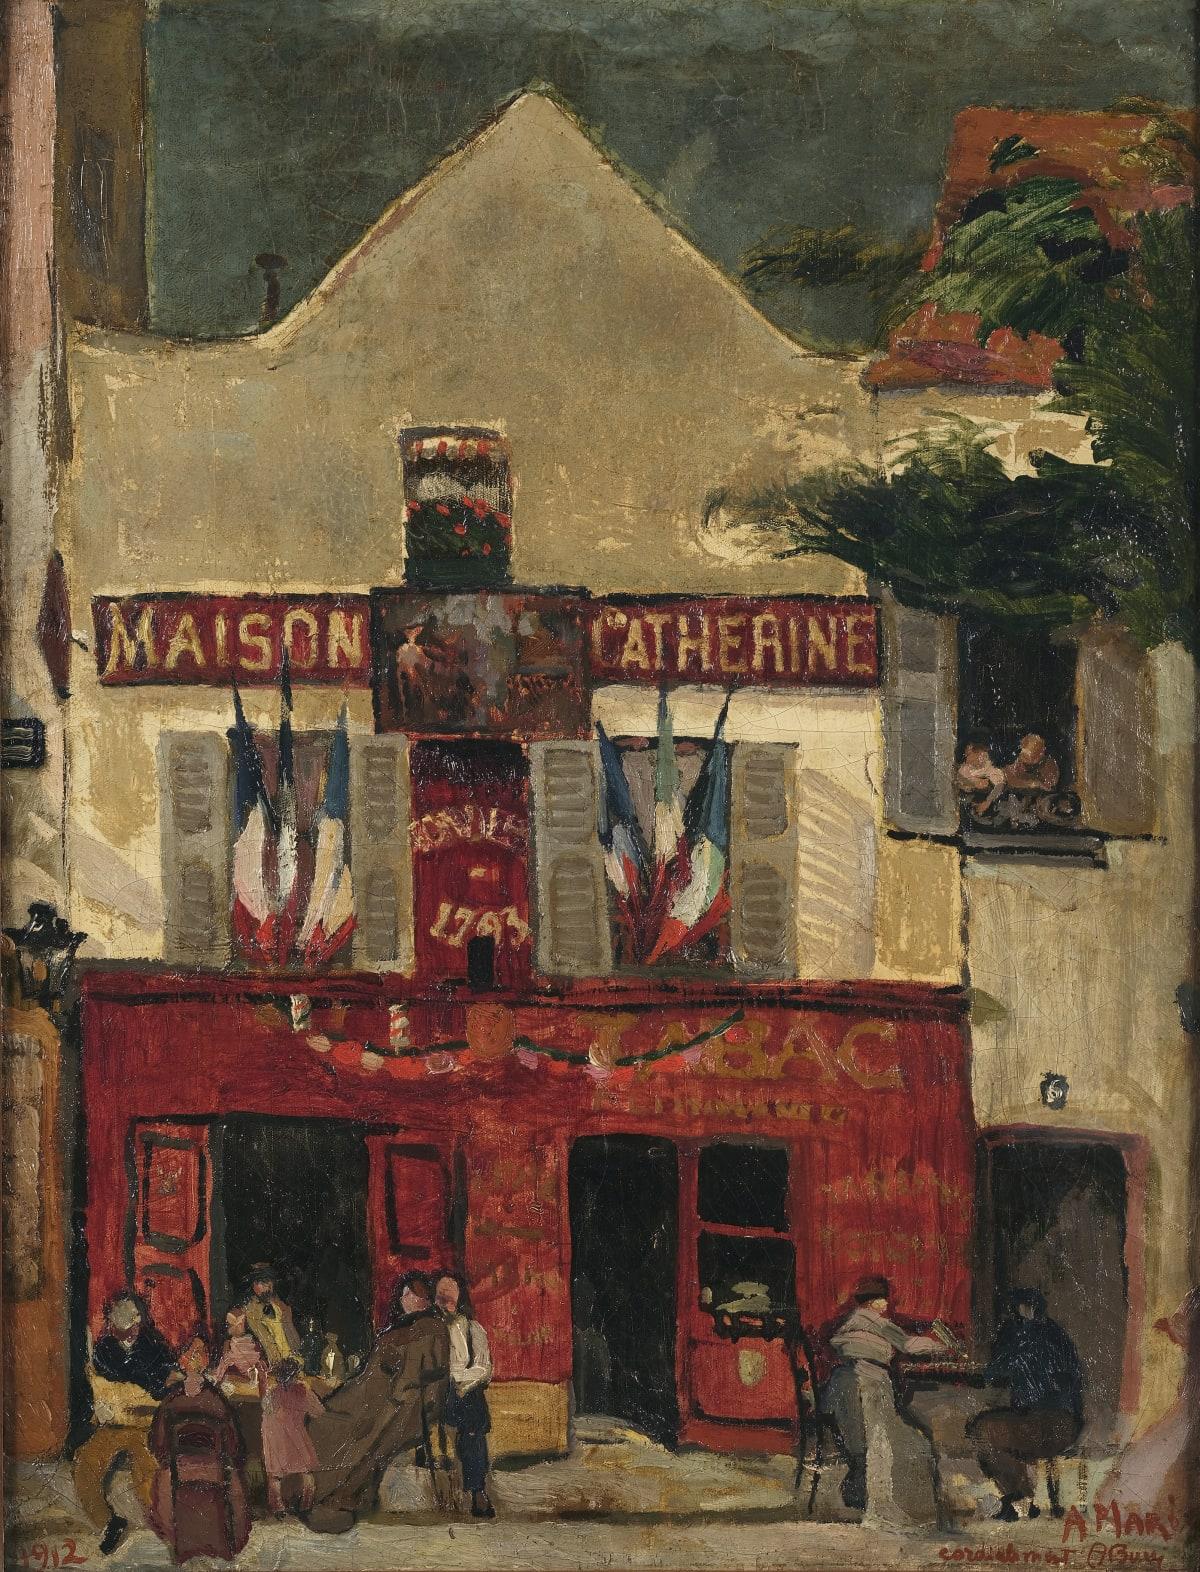 """Anselmo Bucci La Mère Catherine, 1912 Huile sur toile 65 x 49 cm Daté en bas à gauche. Signé et dédicacé """"A Marie Cordialement A Bucci"""""""